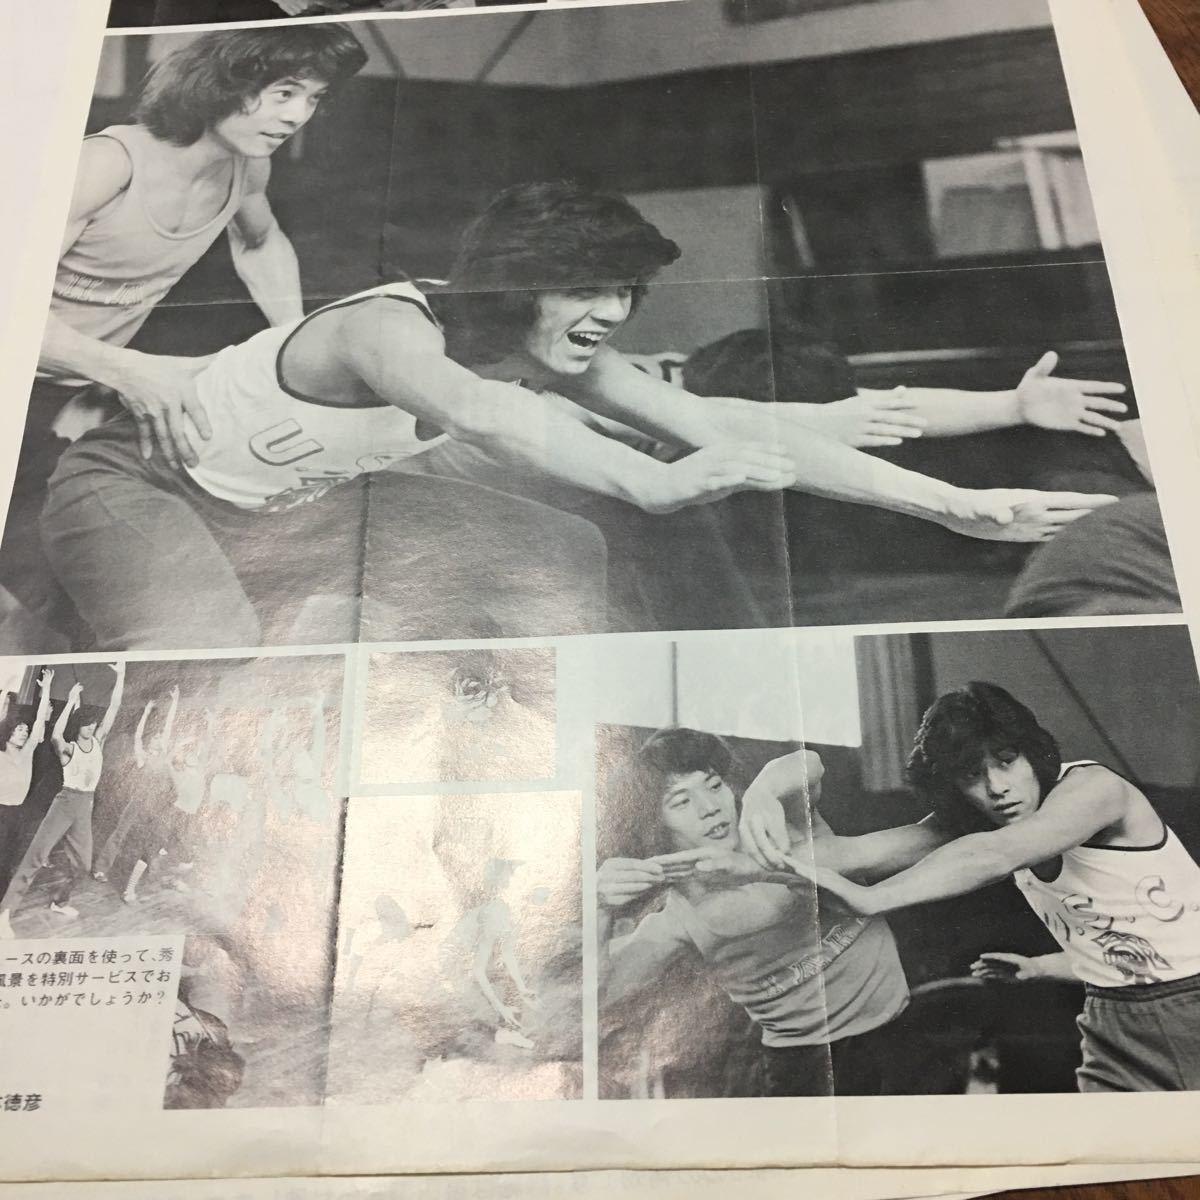 西城秀樹 ファンクラブ会報誌 西城秀樹ニュース 昭和51年 6号~10号_画像6